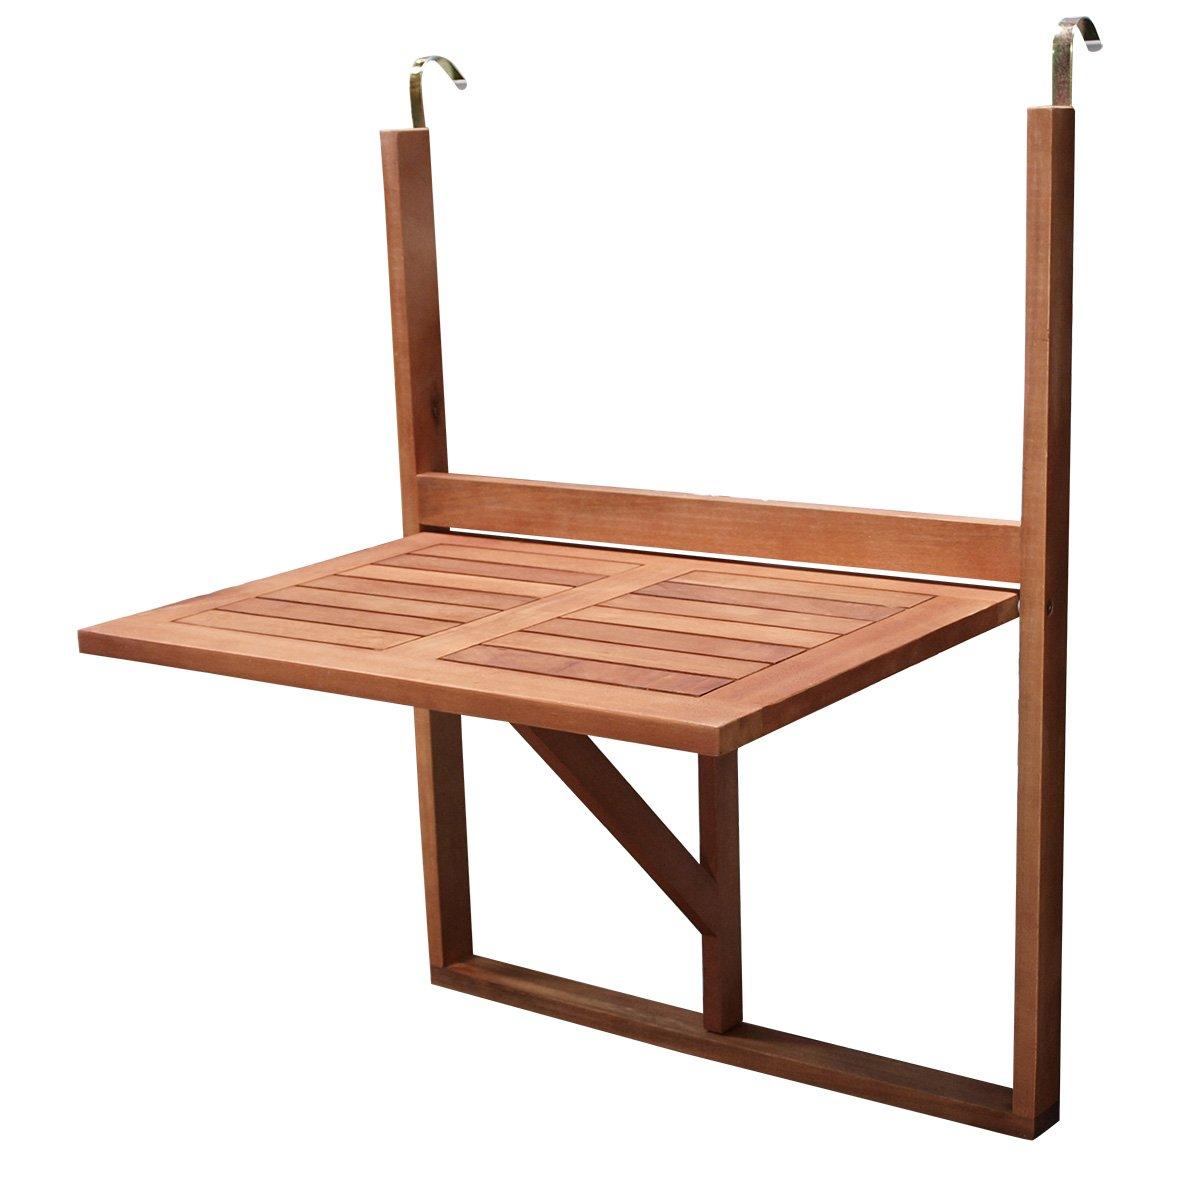 Balkonhängetisch 60x40cm klappbar, Eukalyptusholz günstig kaufen